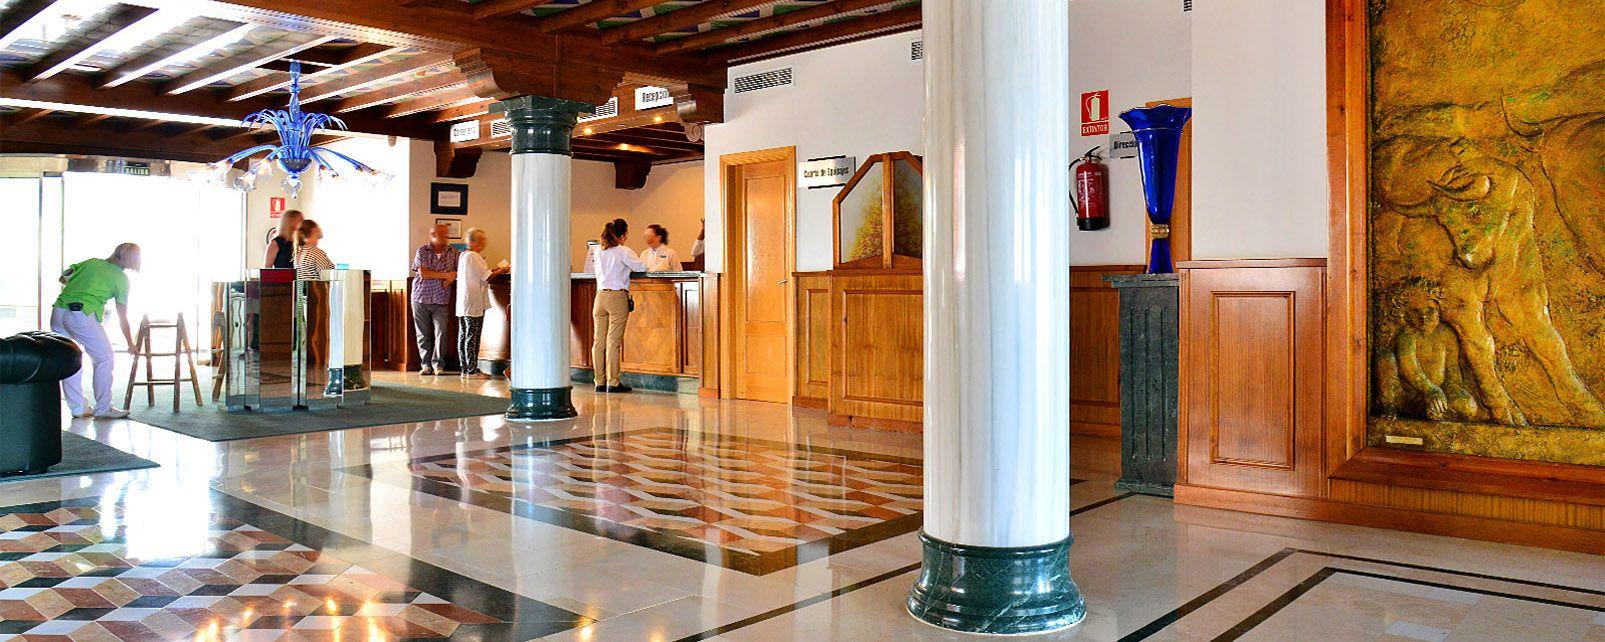 Hotel summa f nix torremolinos espa a - Hoteles modernos espana ...